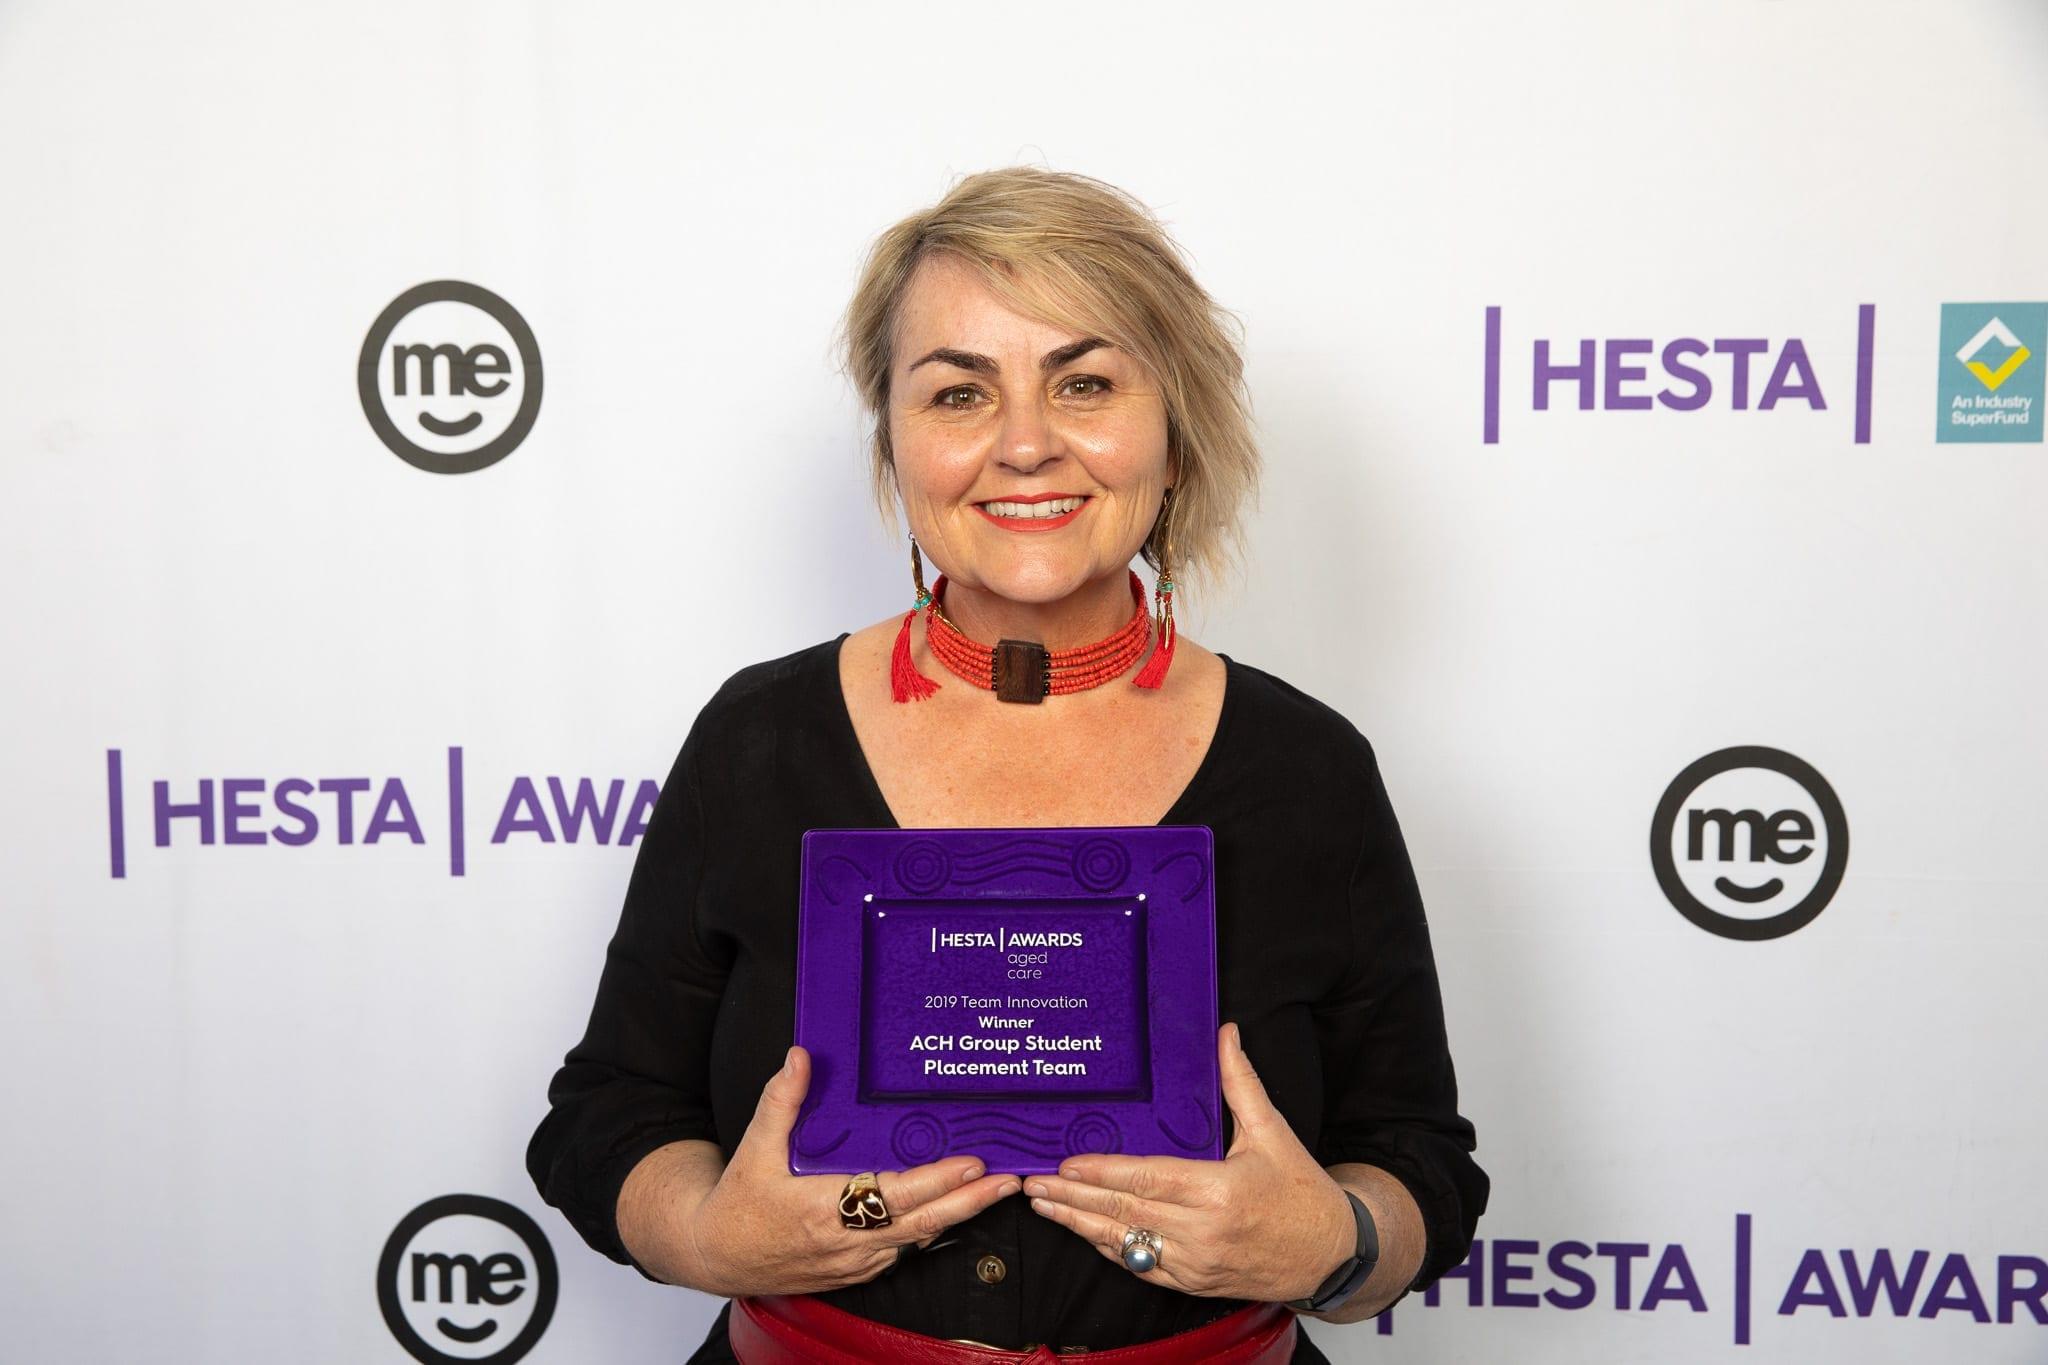 hesta innovation winner